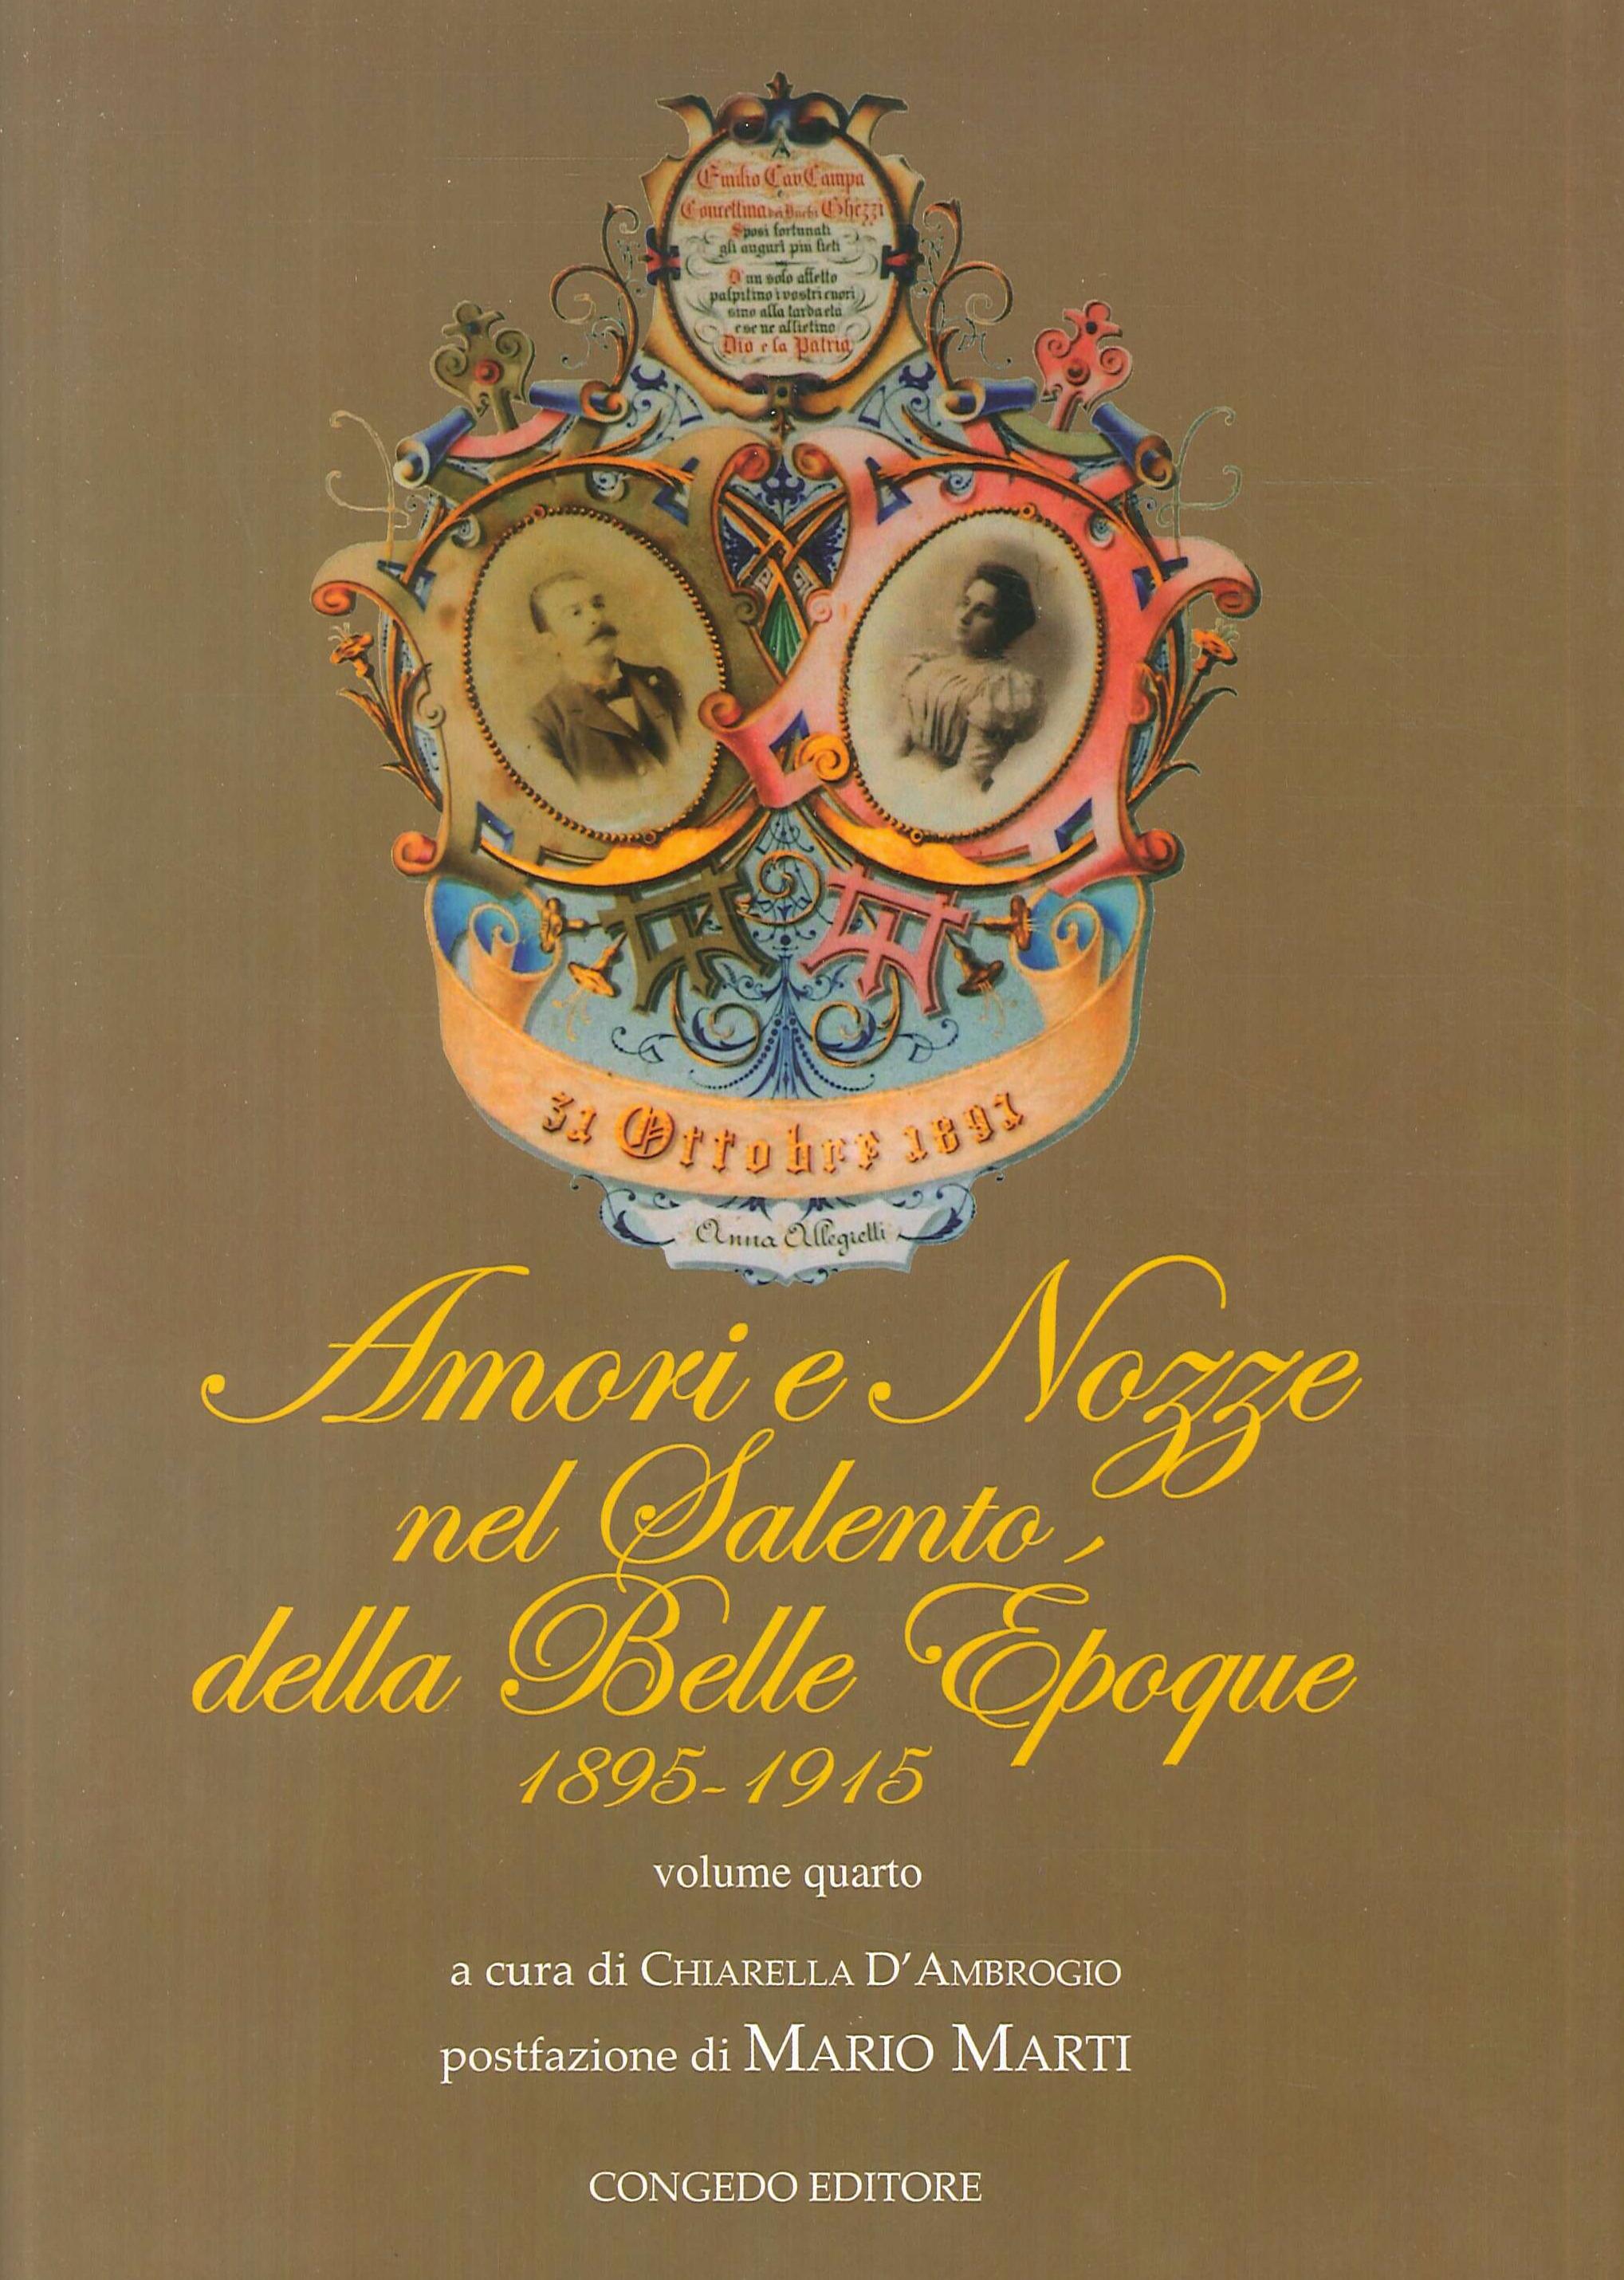 Amori e nozze nel Salento della belle époque (1895-1915). Vol. 4.